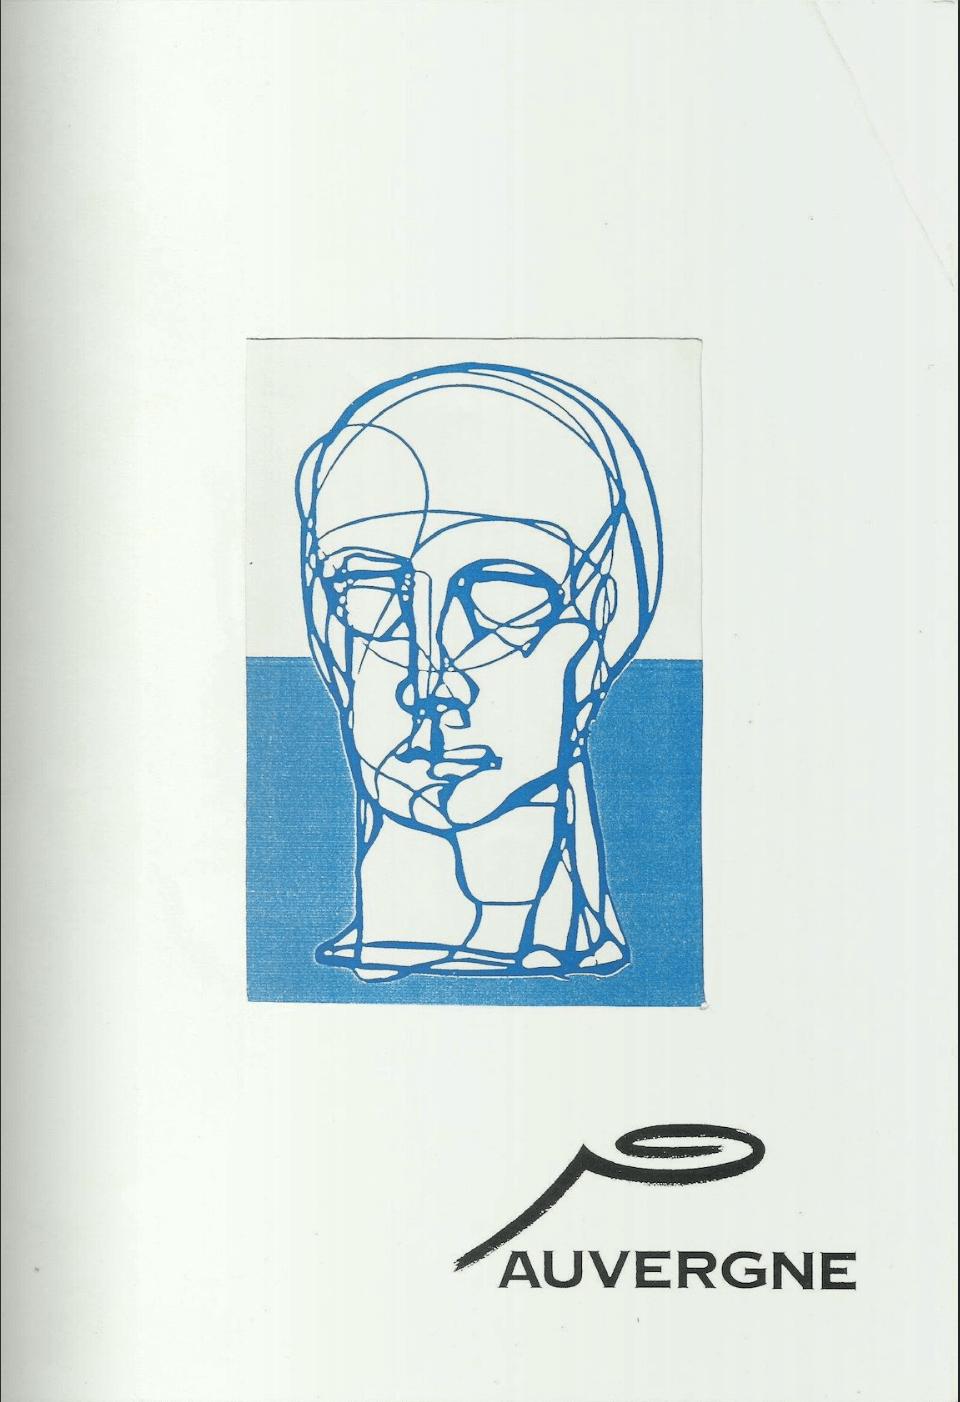 Clermont-Ferrand, 1993